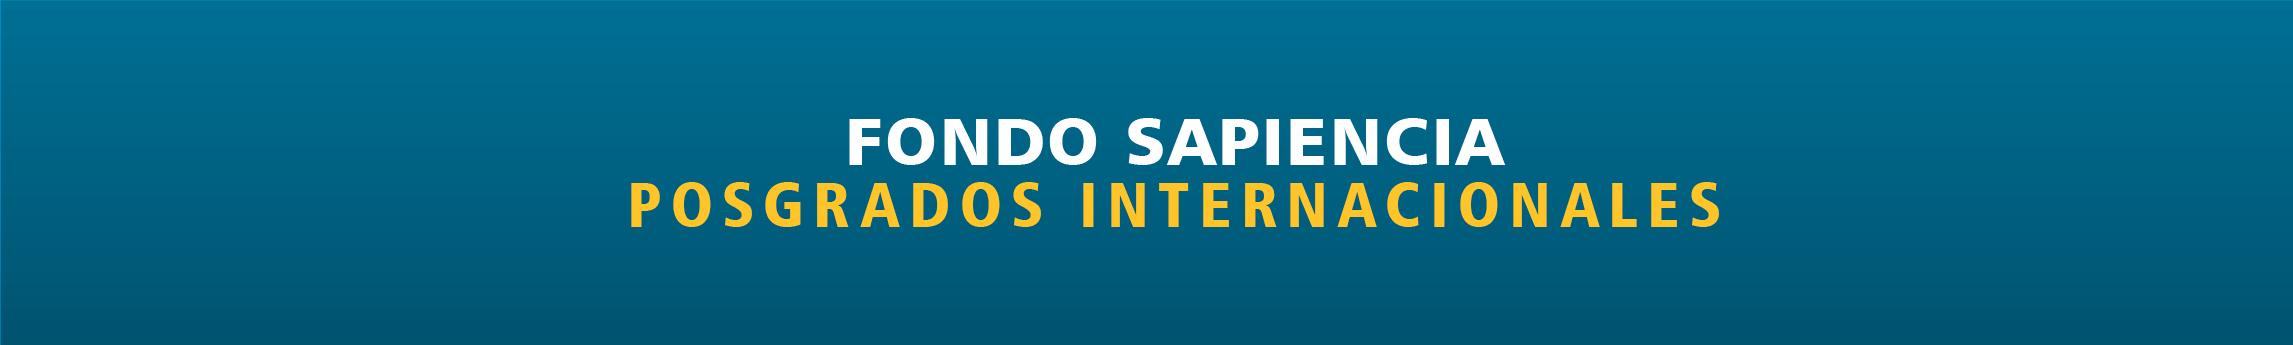 banner-fondos-sapiencia-posgrados-micrositio-internacionales